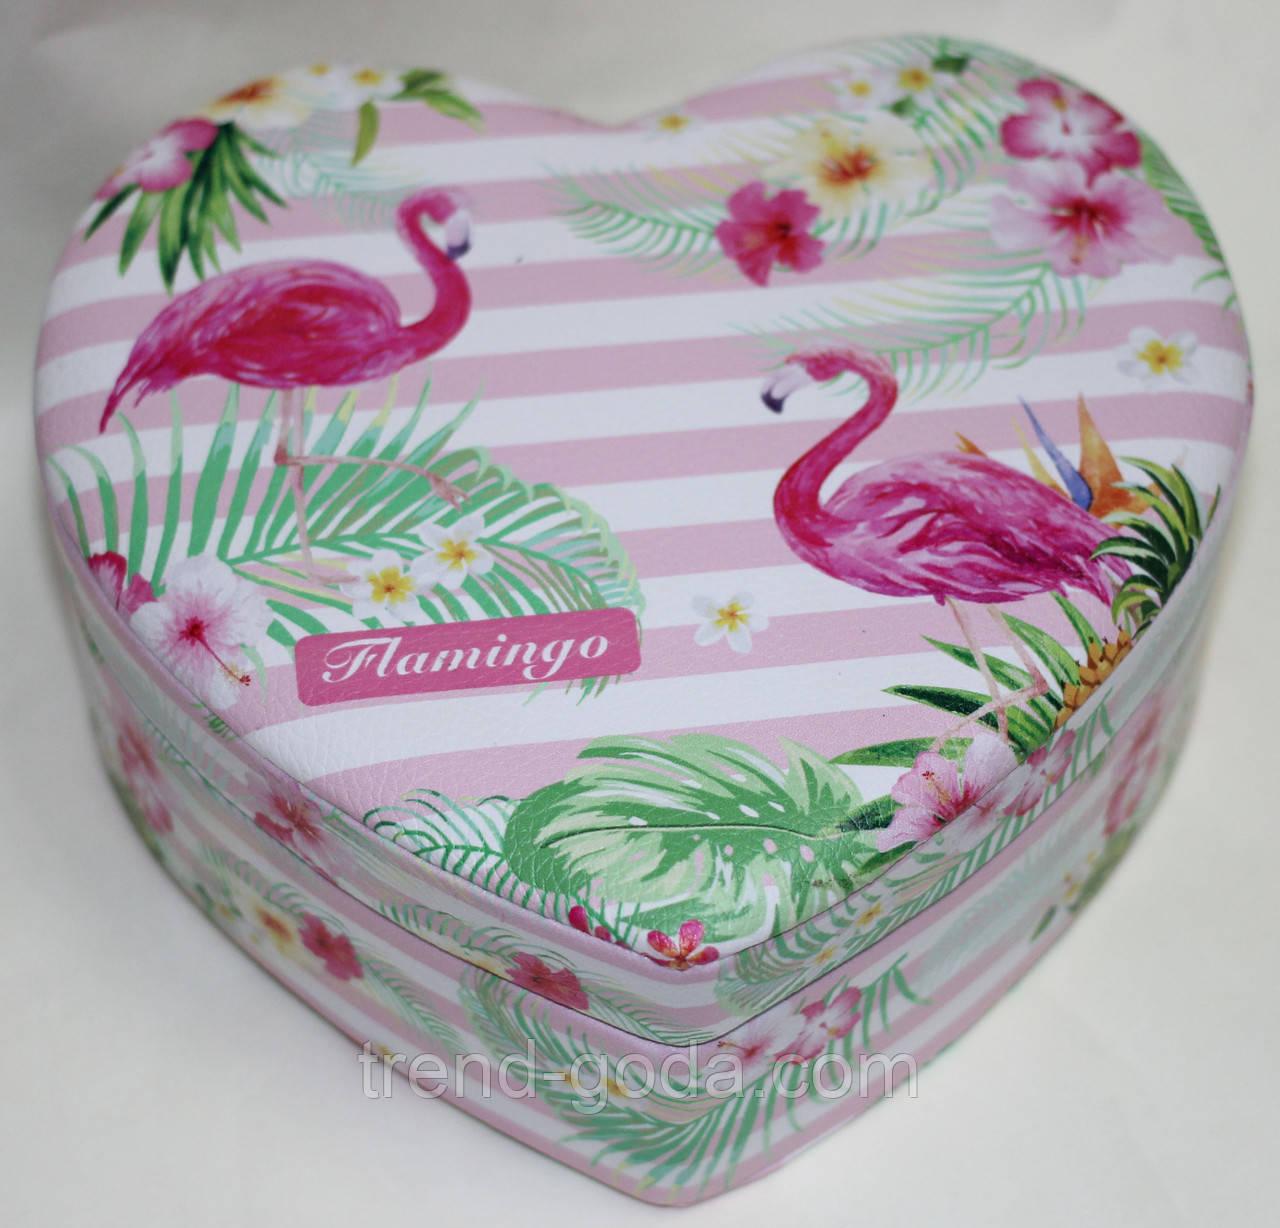 Шкатулка в форме сердца, бело-розовая, Фламинго